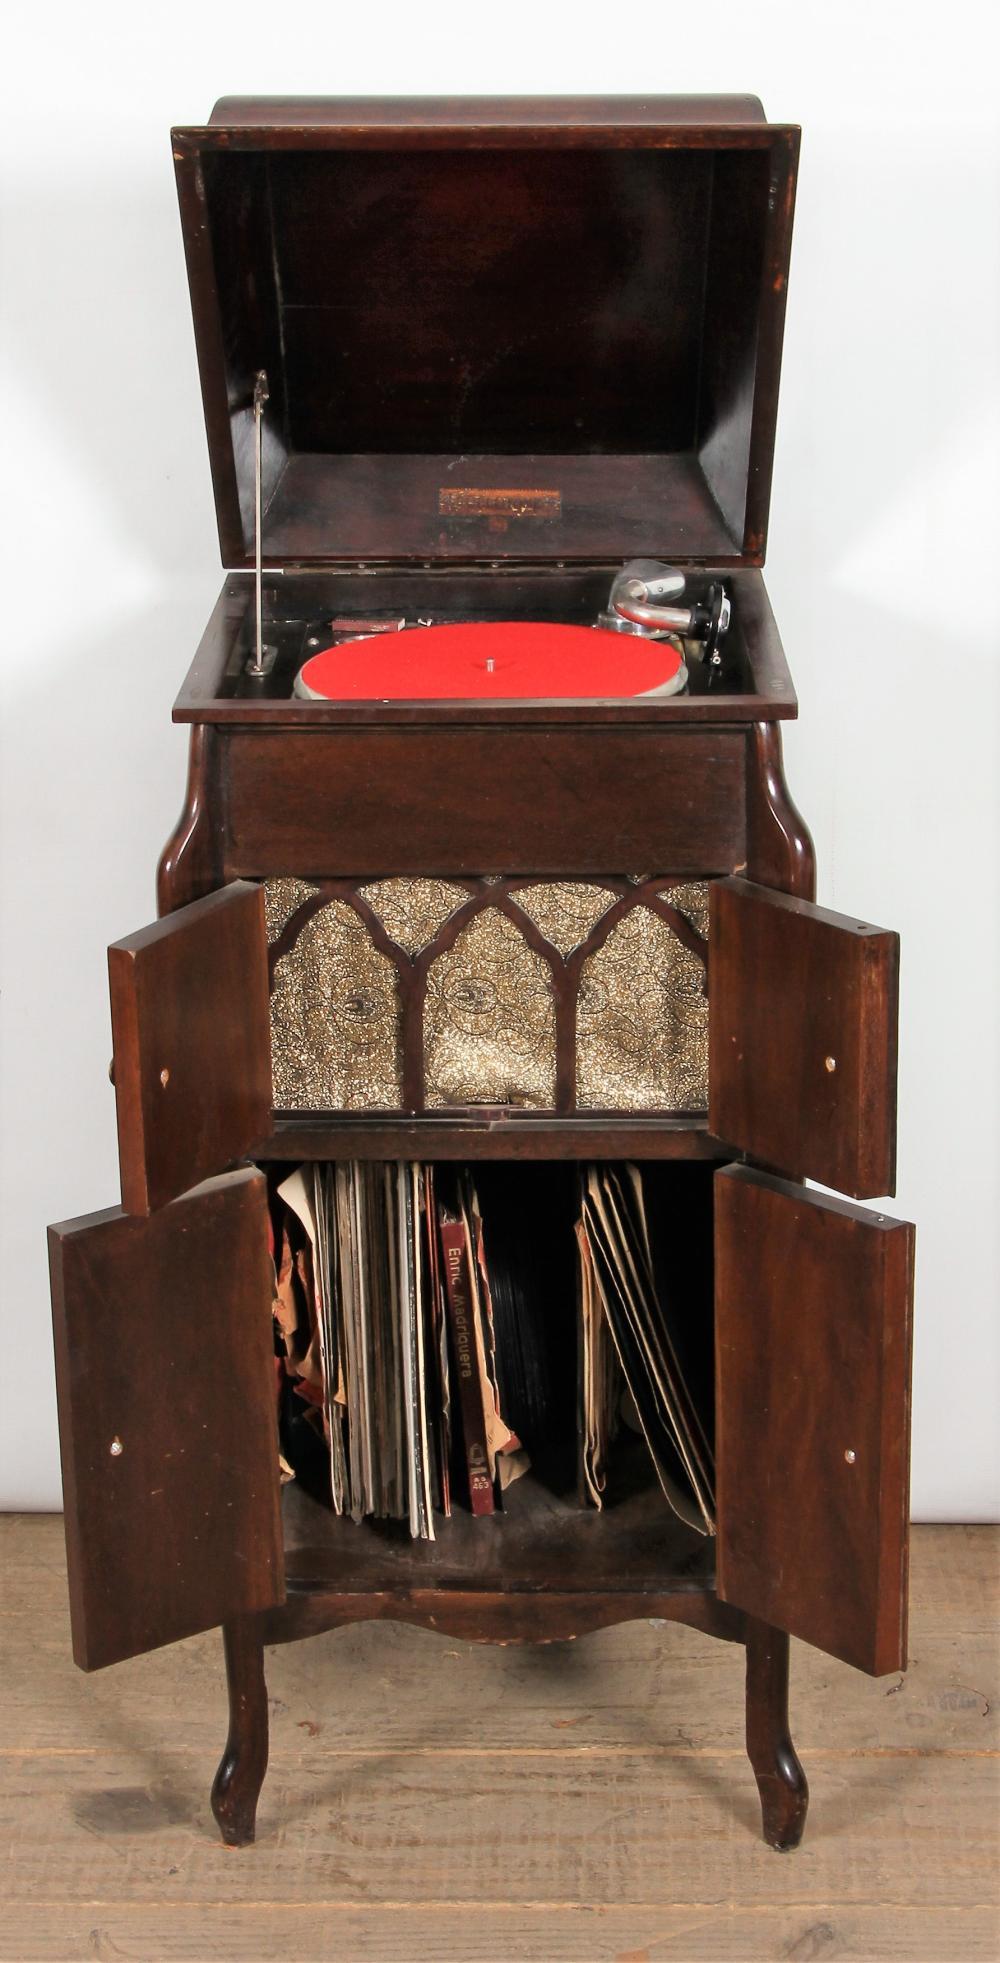 Original early 20th C. Fullotone gramophone, in 4-door mahogany cabinet - Original Early 20th C. Fullotone Gramophone, In 4-door Mahog